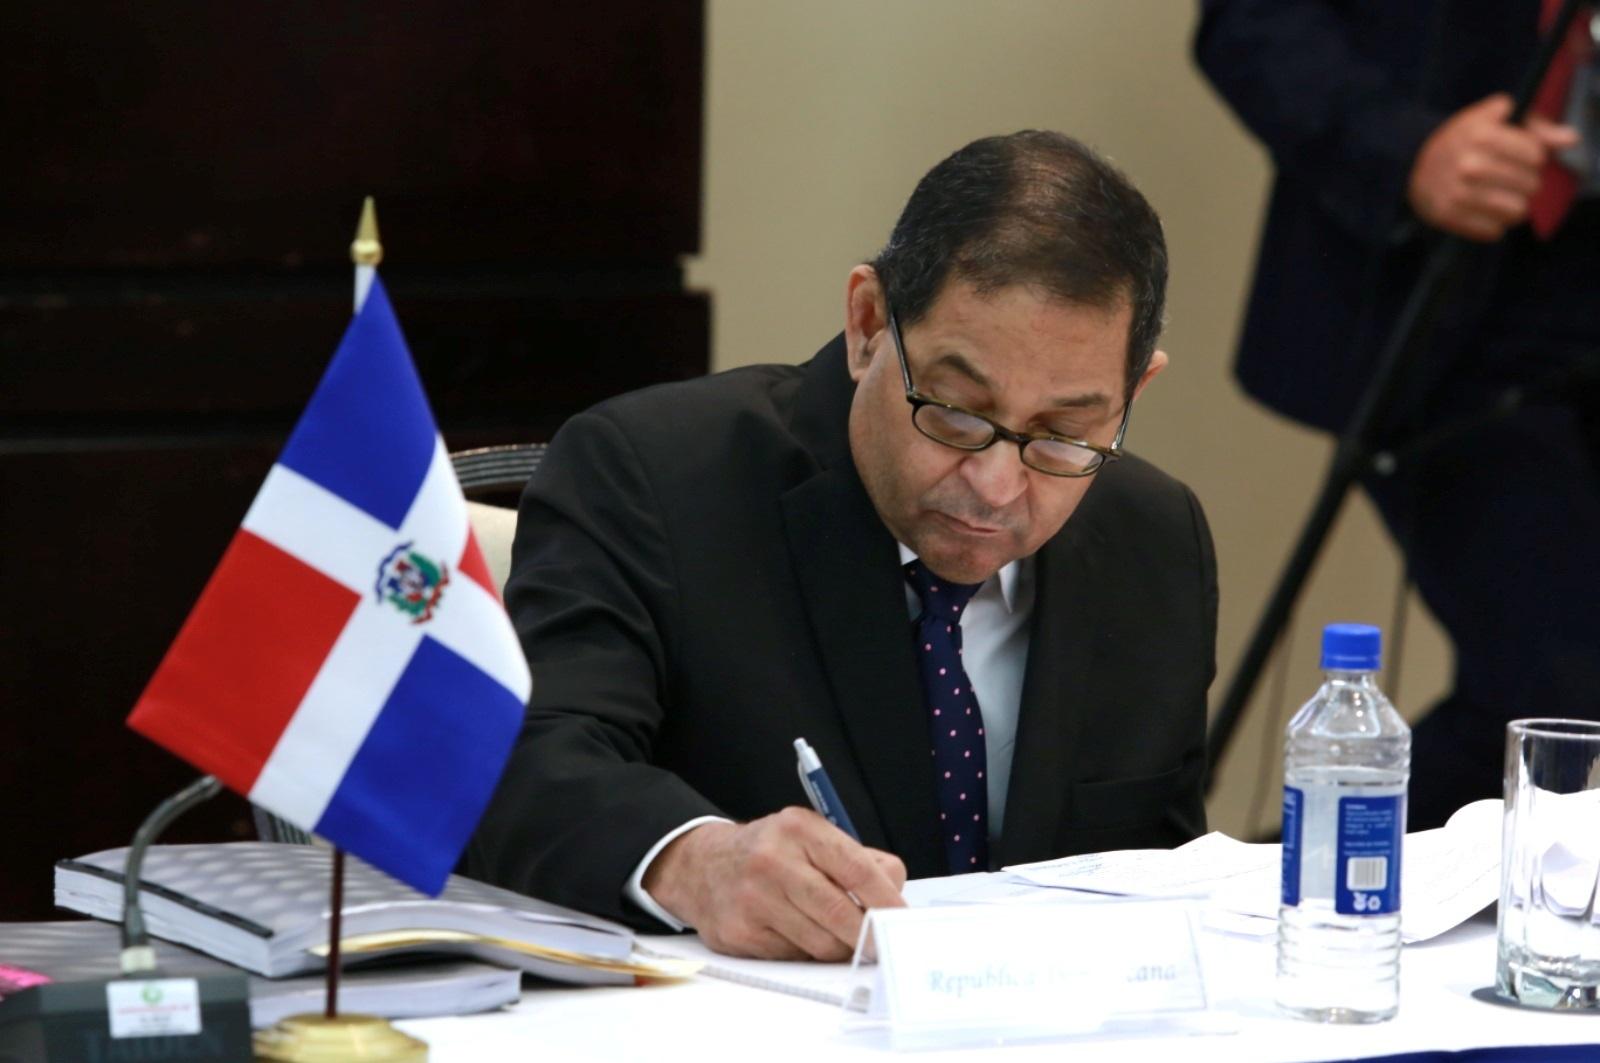 Presidente del PJ participa en Reunión Extraordinaria del Consejo Judicial Centroamericano y del Caribe